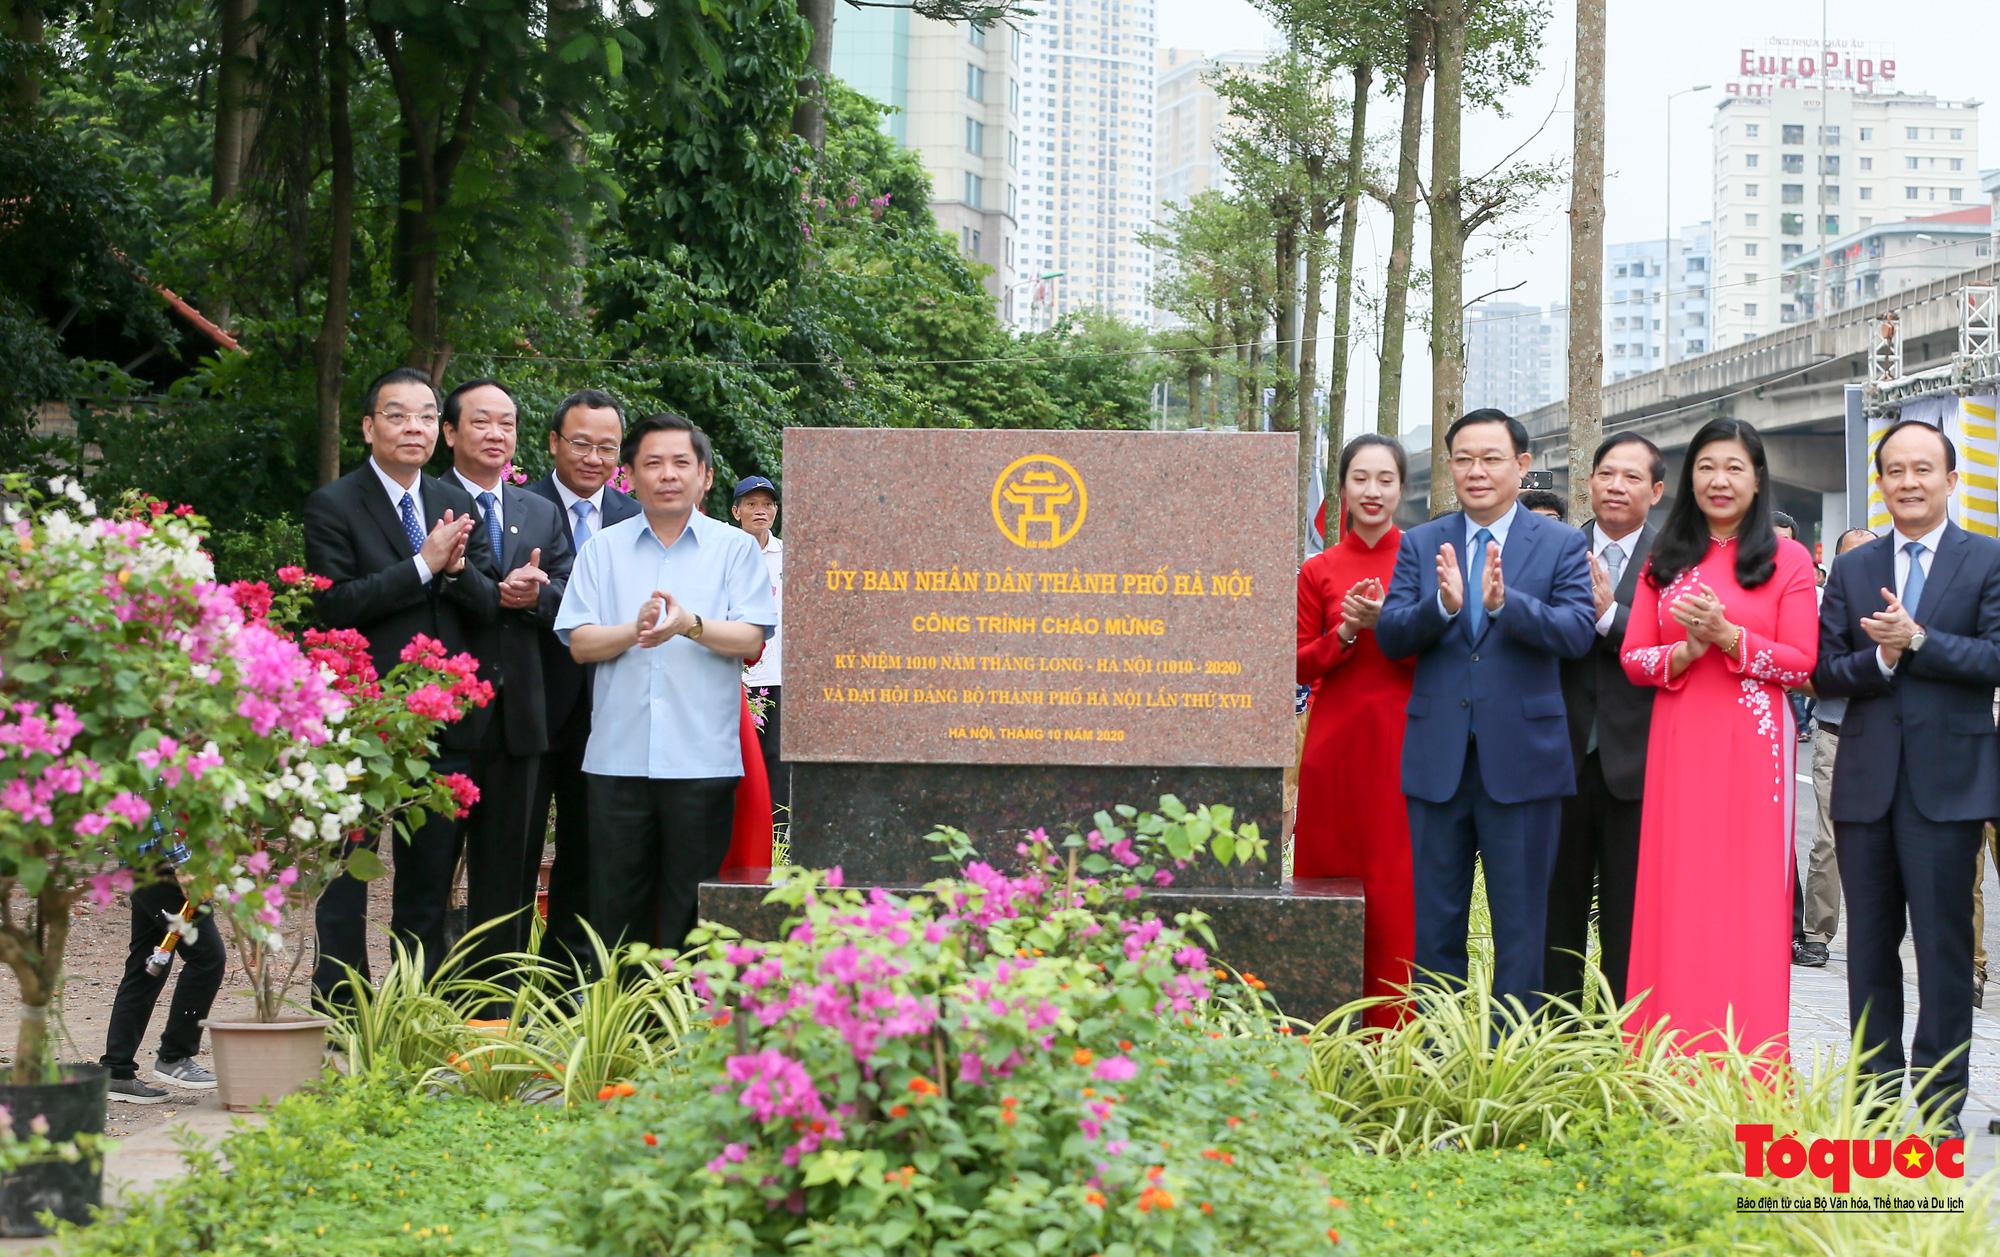 Dấu ấn những công trình giao thông tạo nên diện mạo mới cho Thủ đô Hà Nội năm 2020 - Ảnh 13.